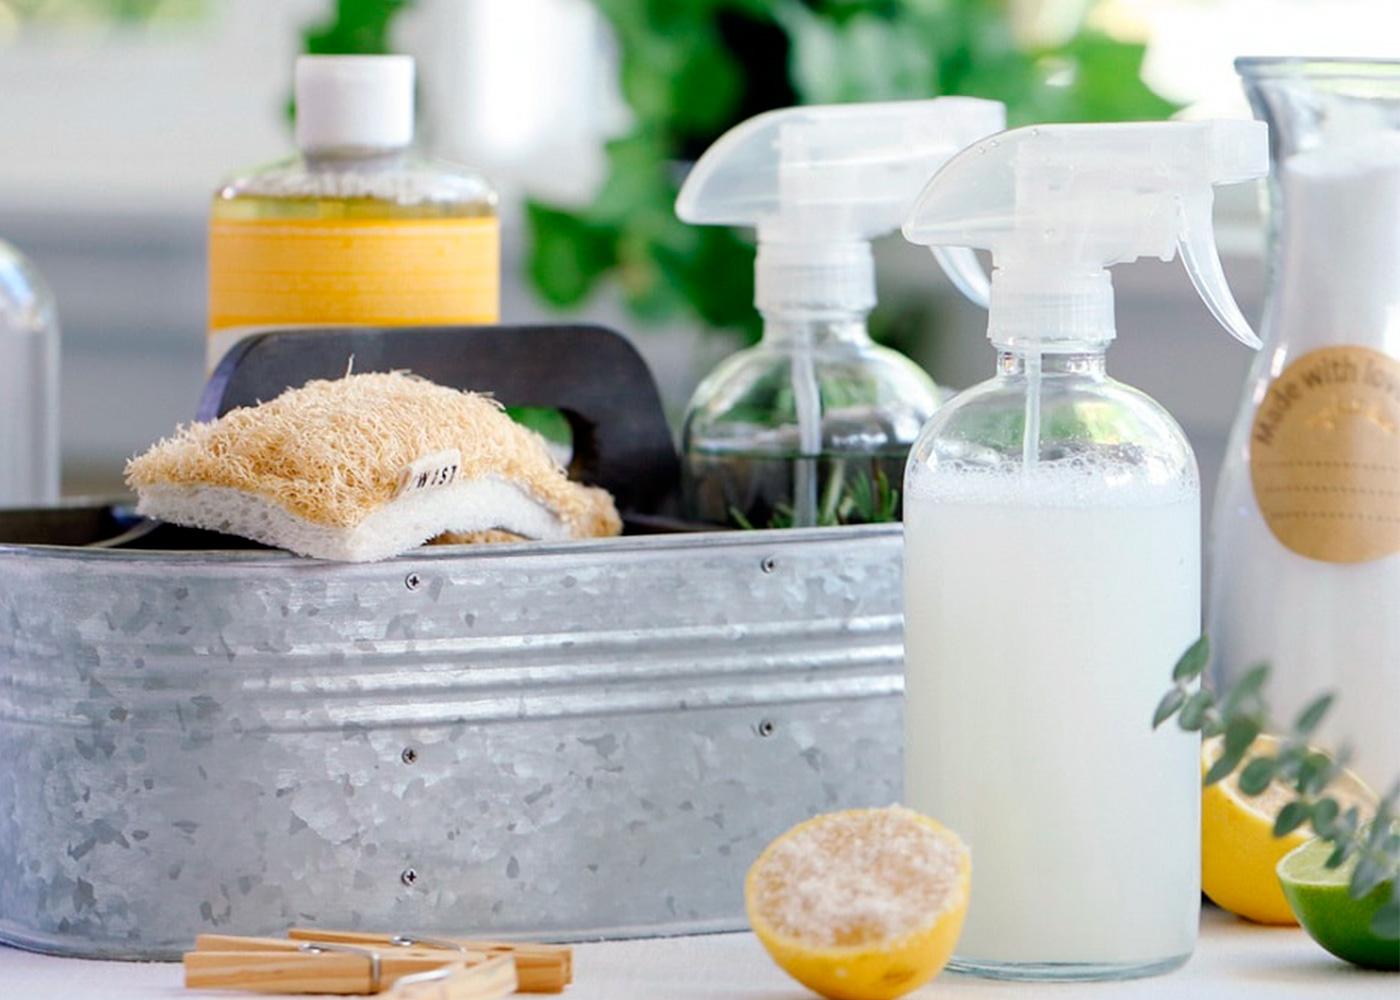 народные средства для мытья окон